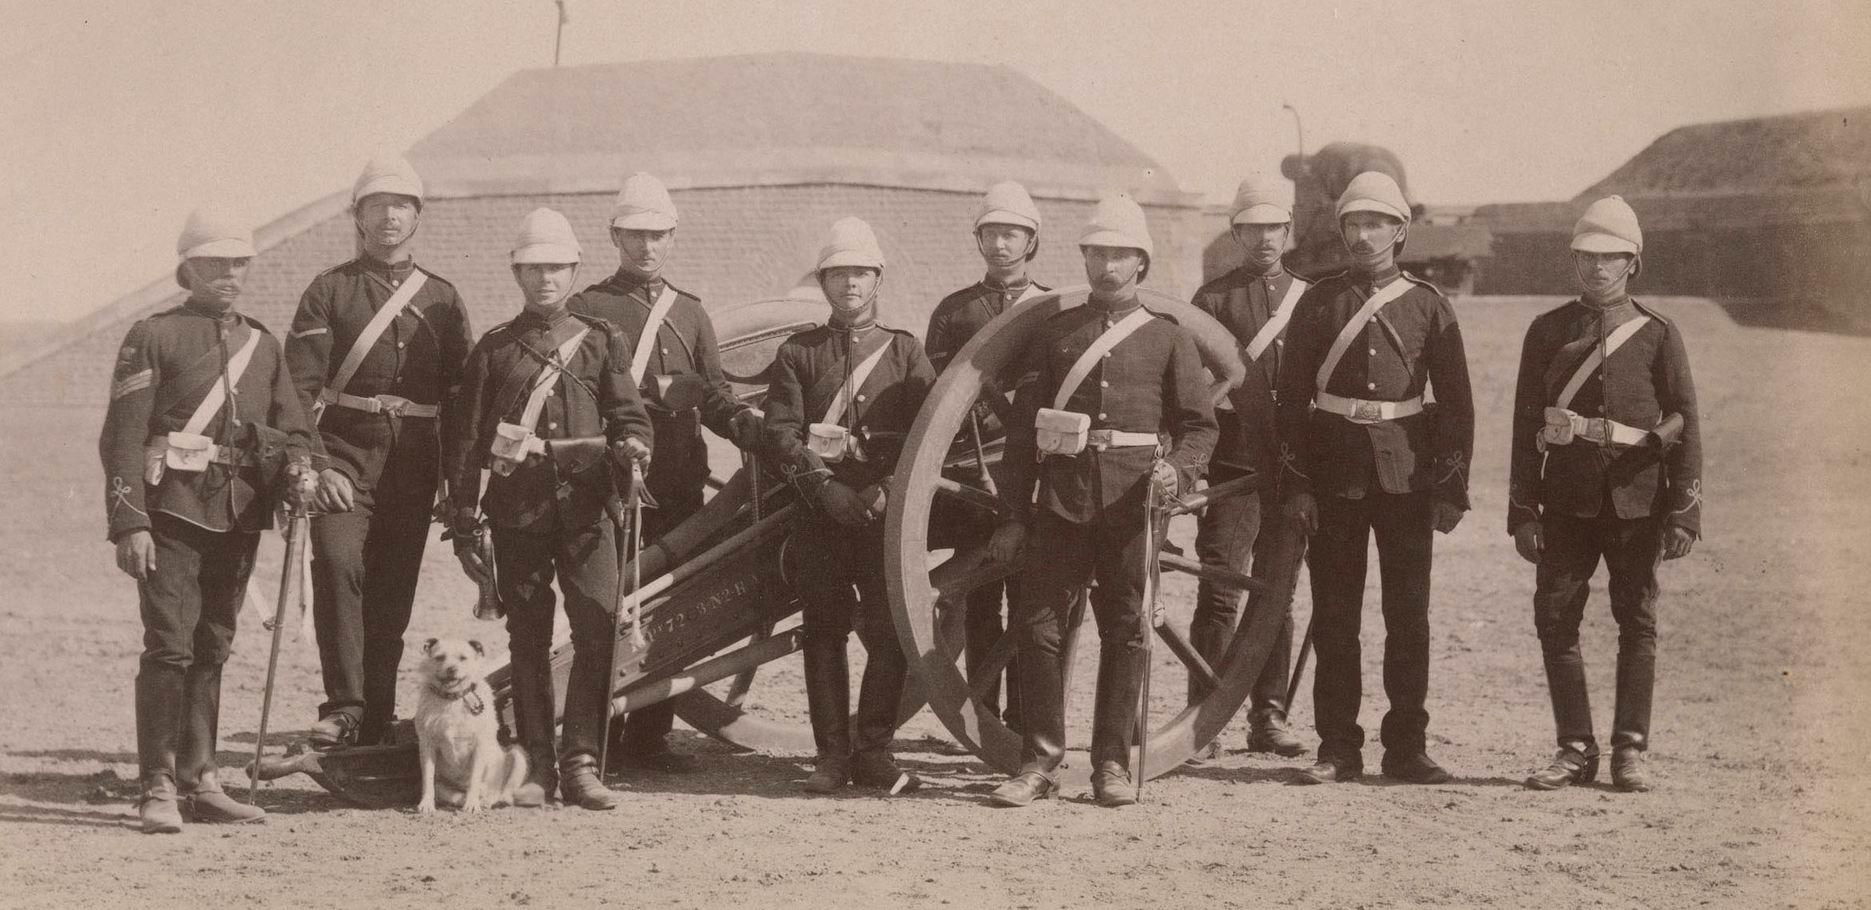 Королевская артиллерия, Египет, 1882г.